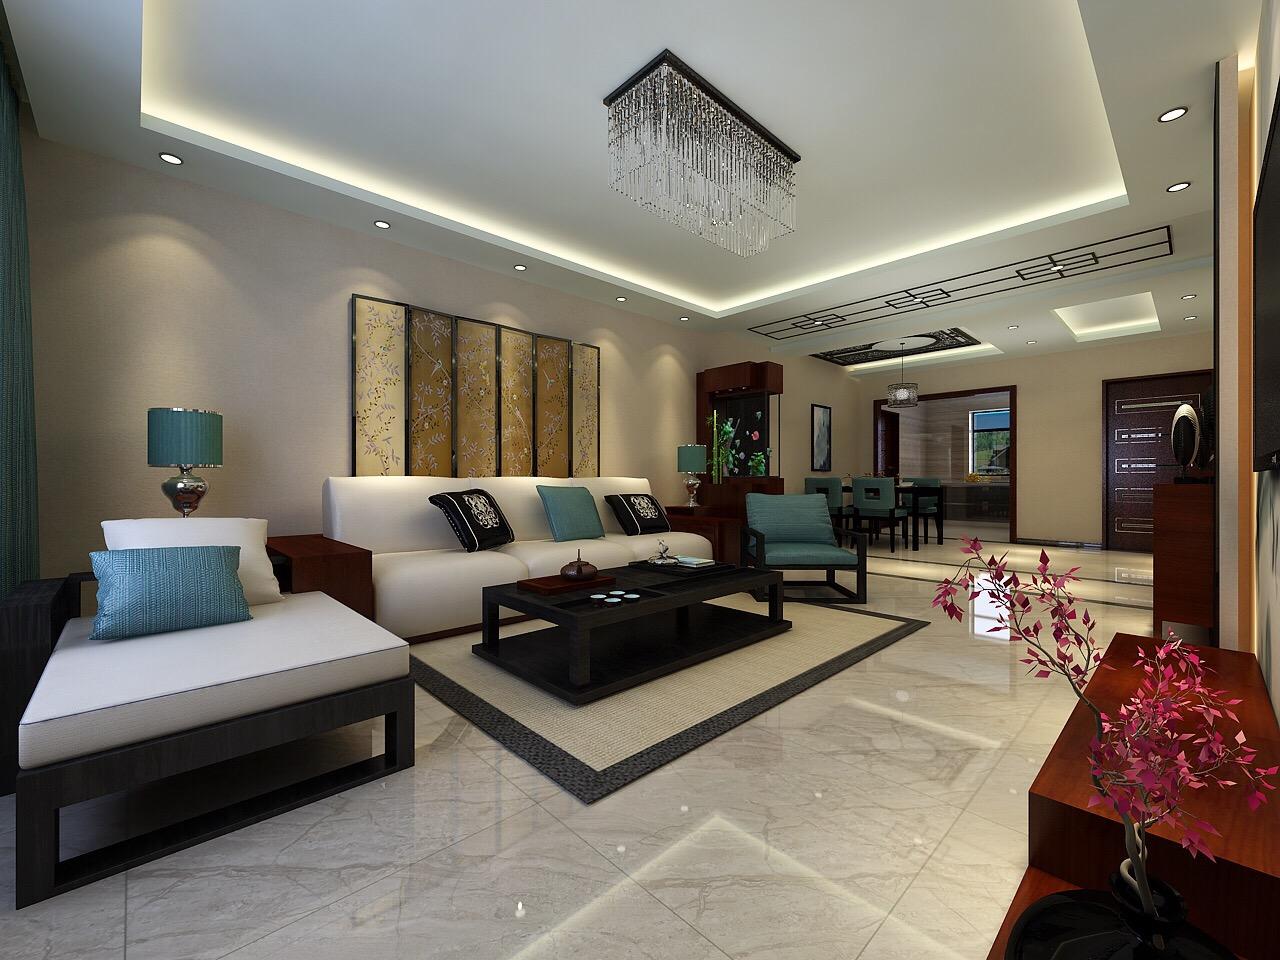 客厅简单的吊顶造型,大气时尚